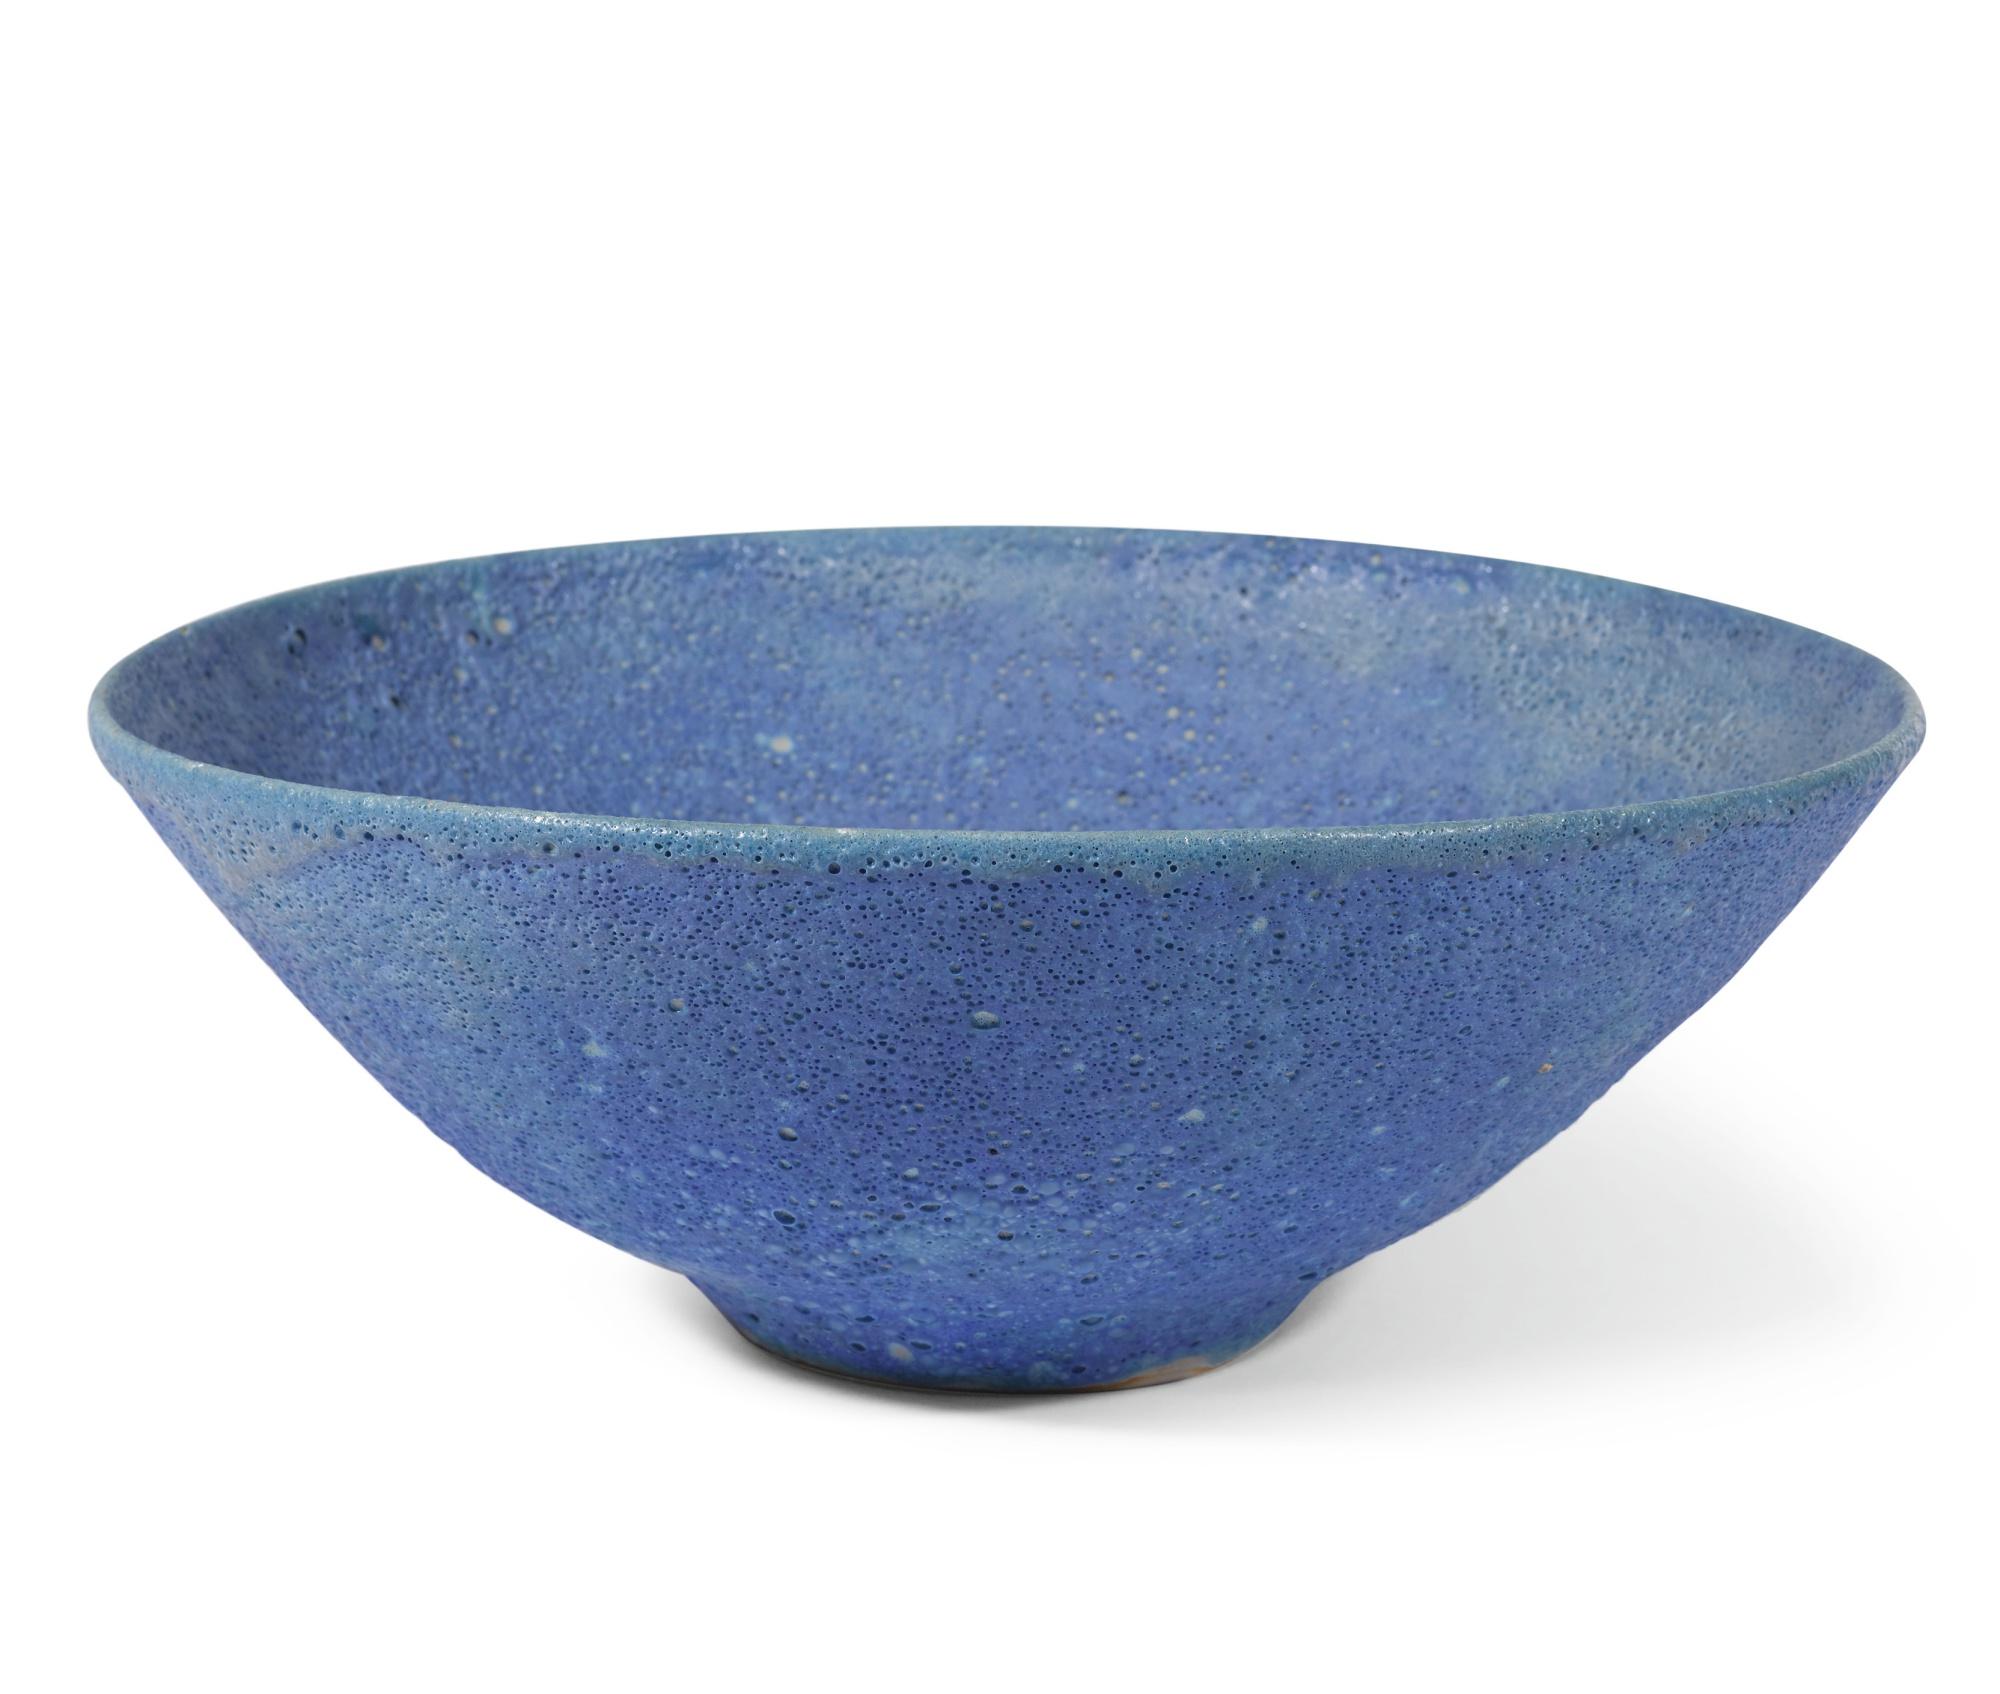 Emmanuel Cooper-Large Blue Bowl-